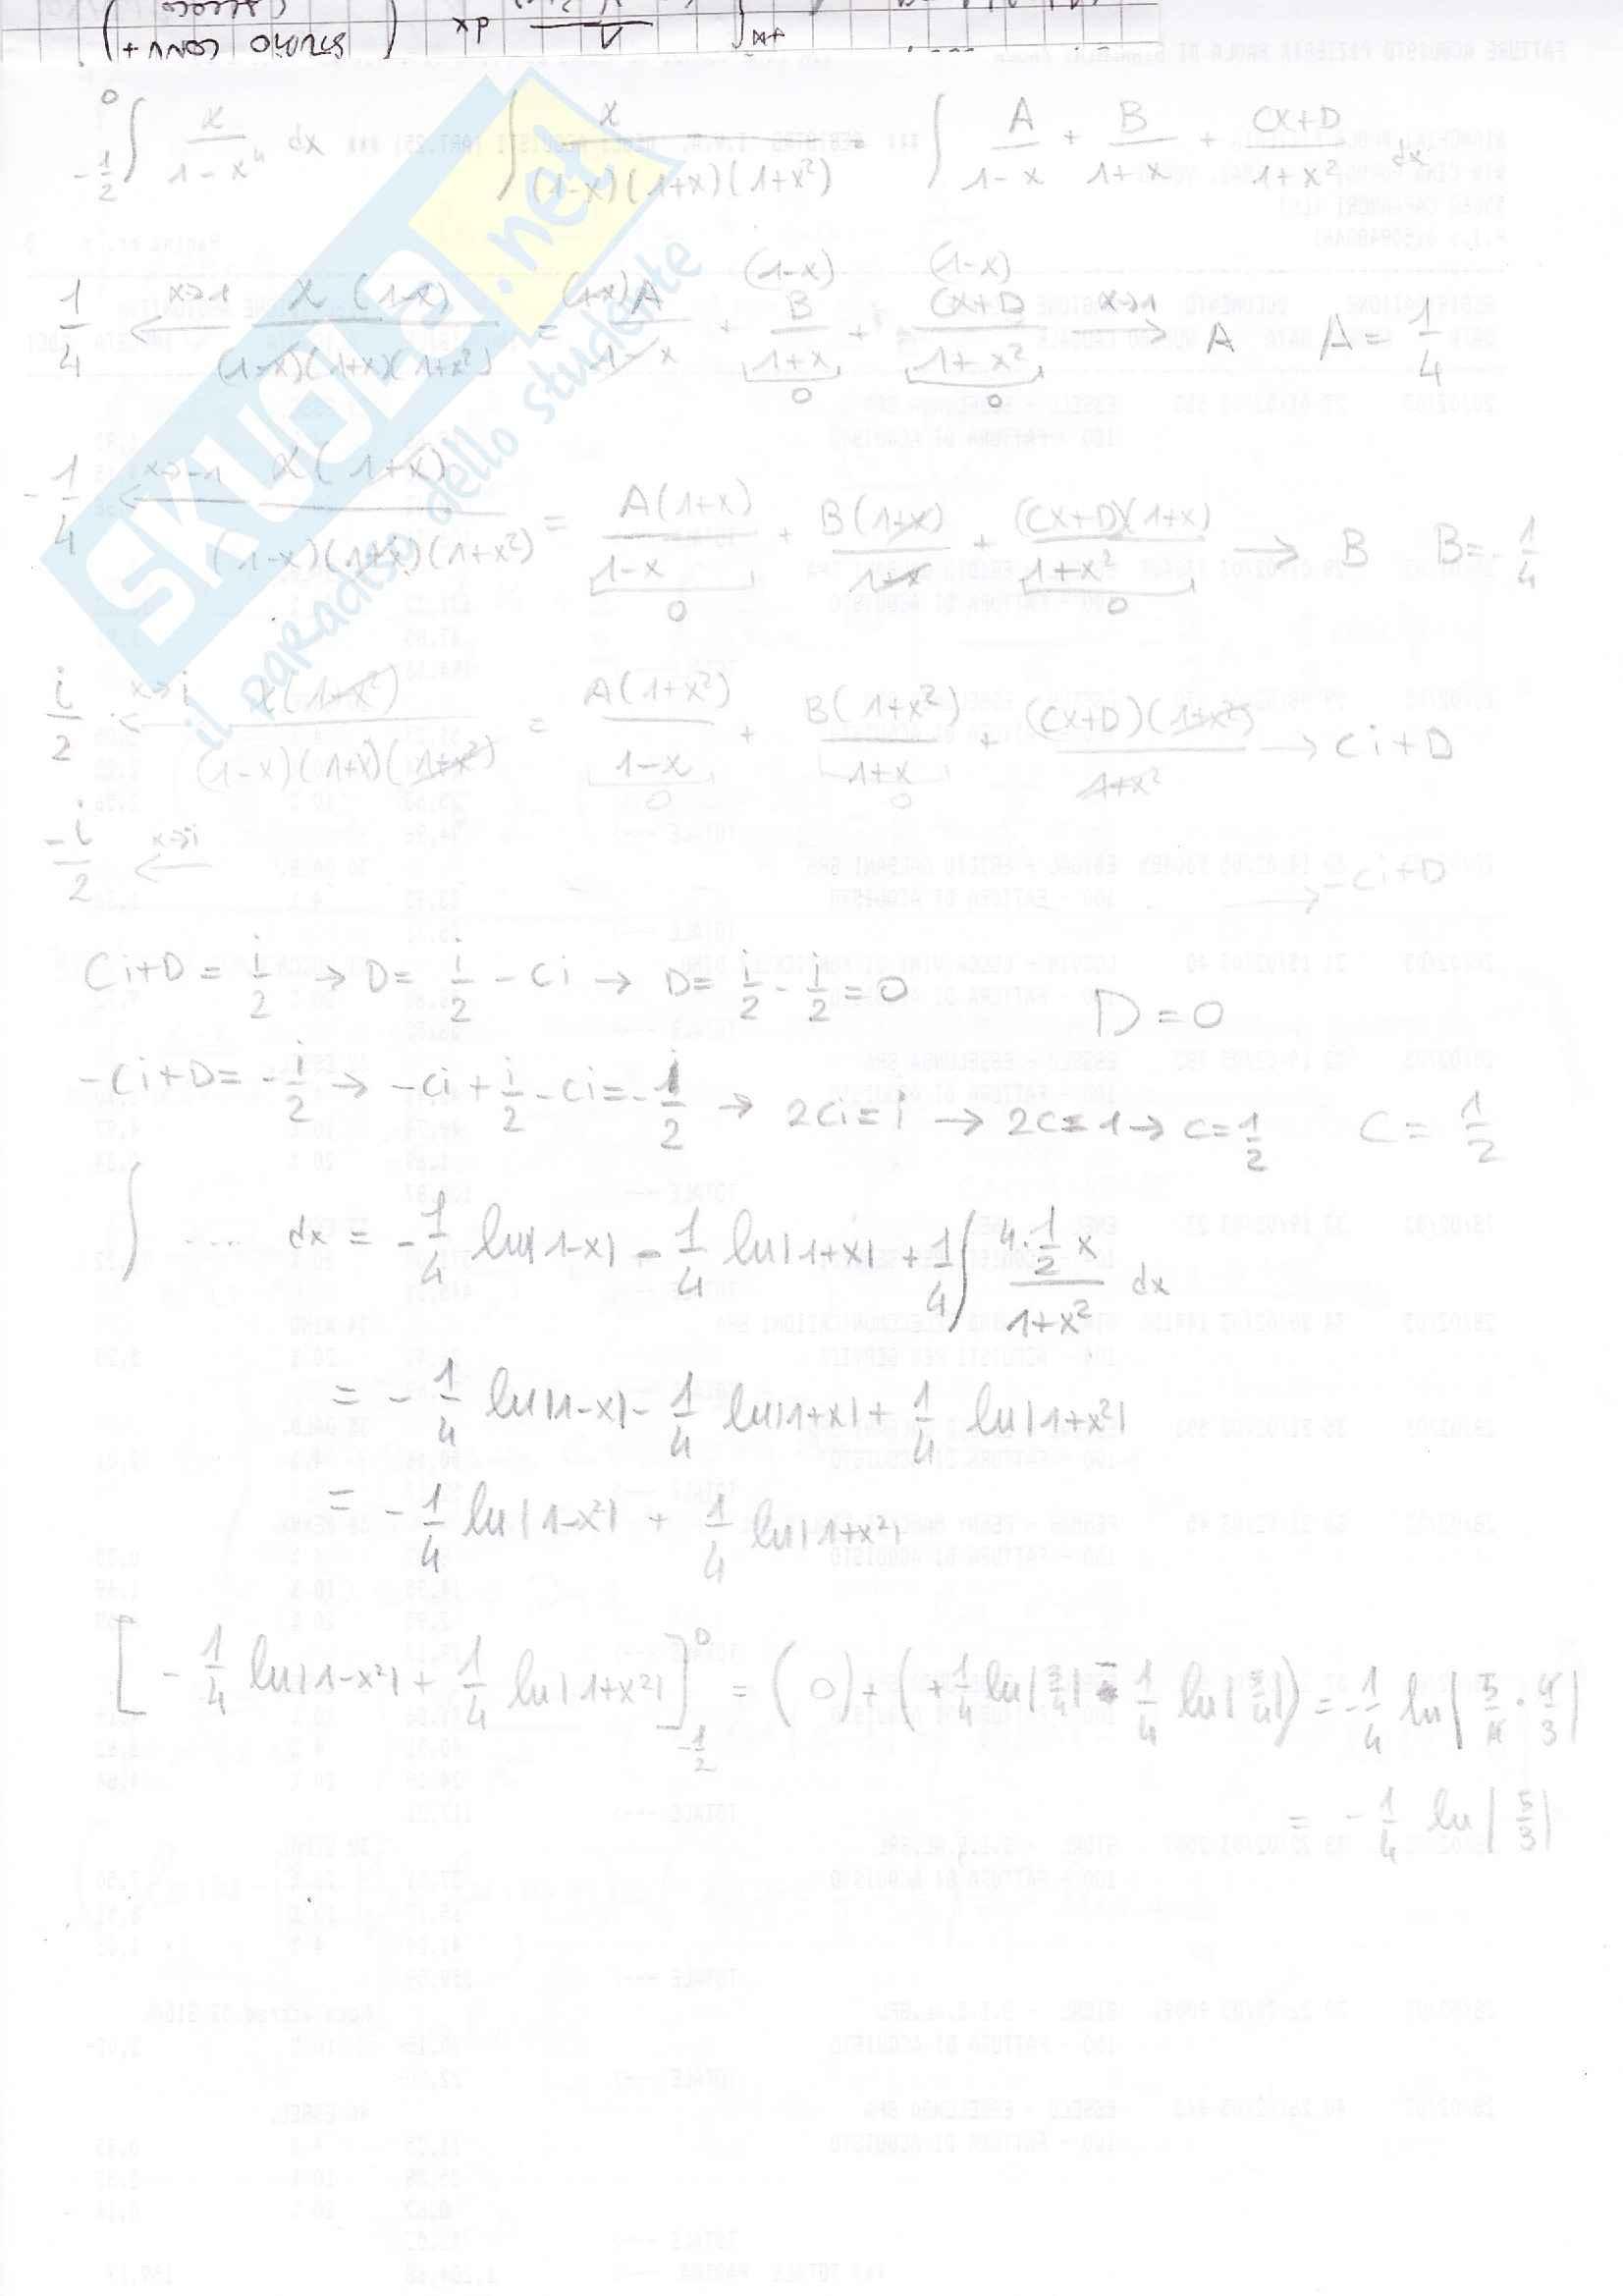 esercitazione C. Berselli Analisi matematica I